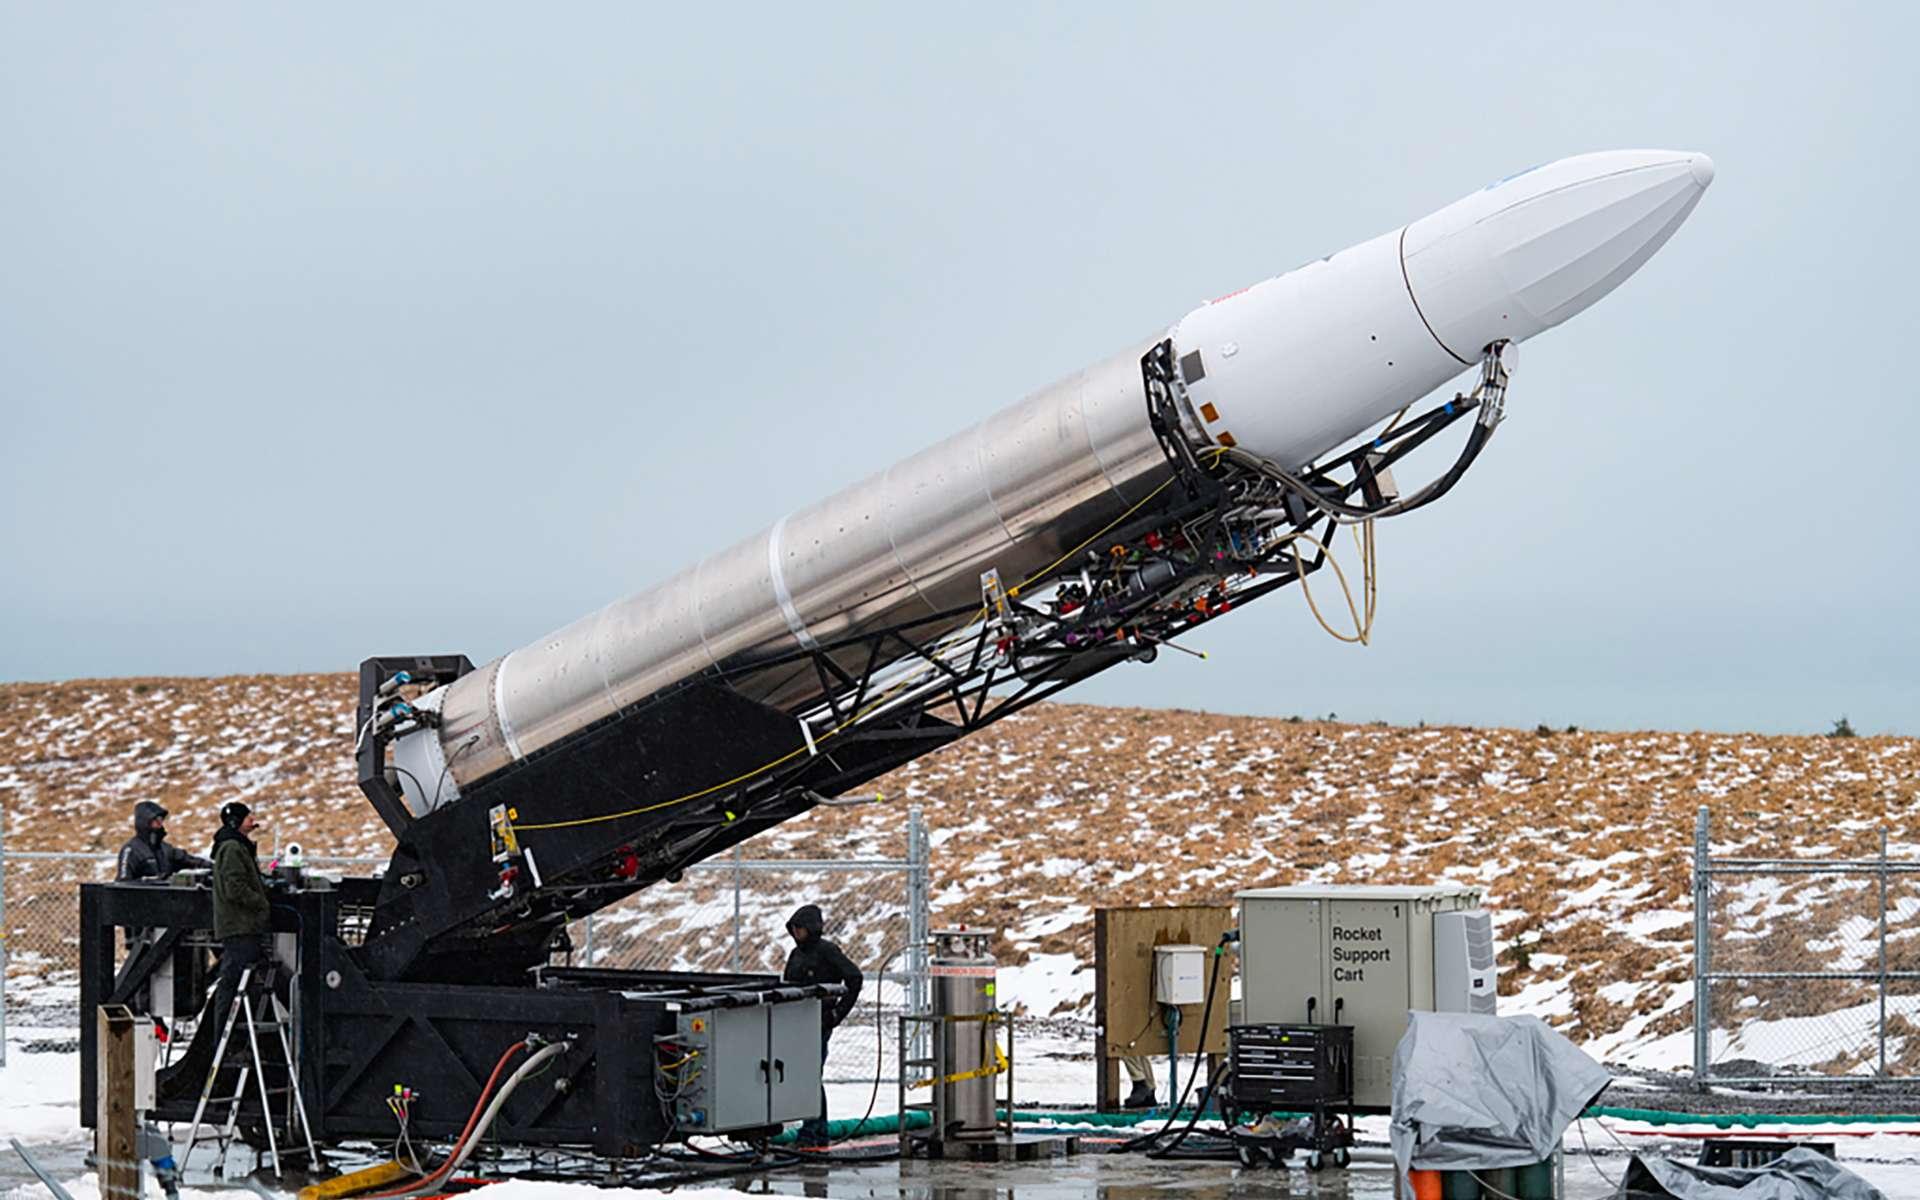 Le petit lanceur Rocket 3.0 d'Astra, installé sur son pas de tir de la base PSCA (Pacific Spaceport Complex – Alaska), située sur l'île de Kodiak. © Darpa, Astra